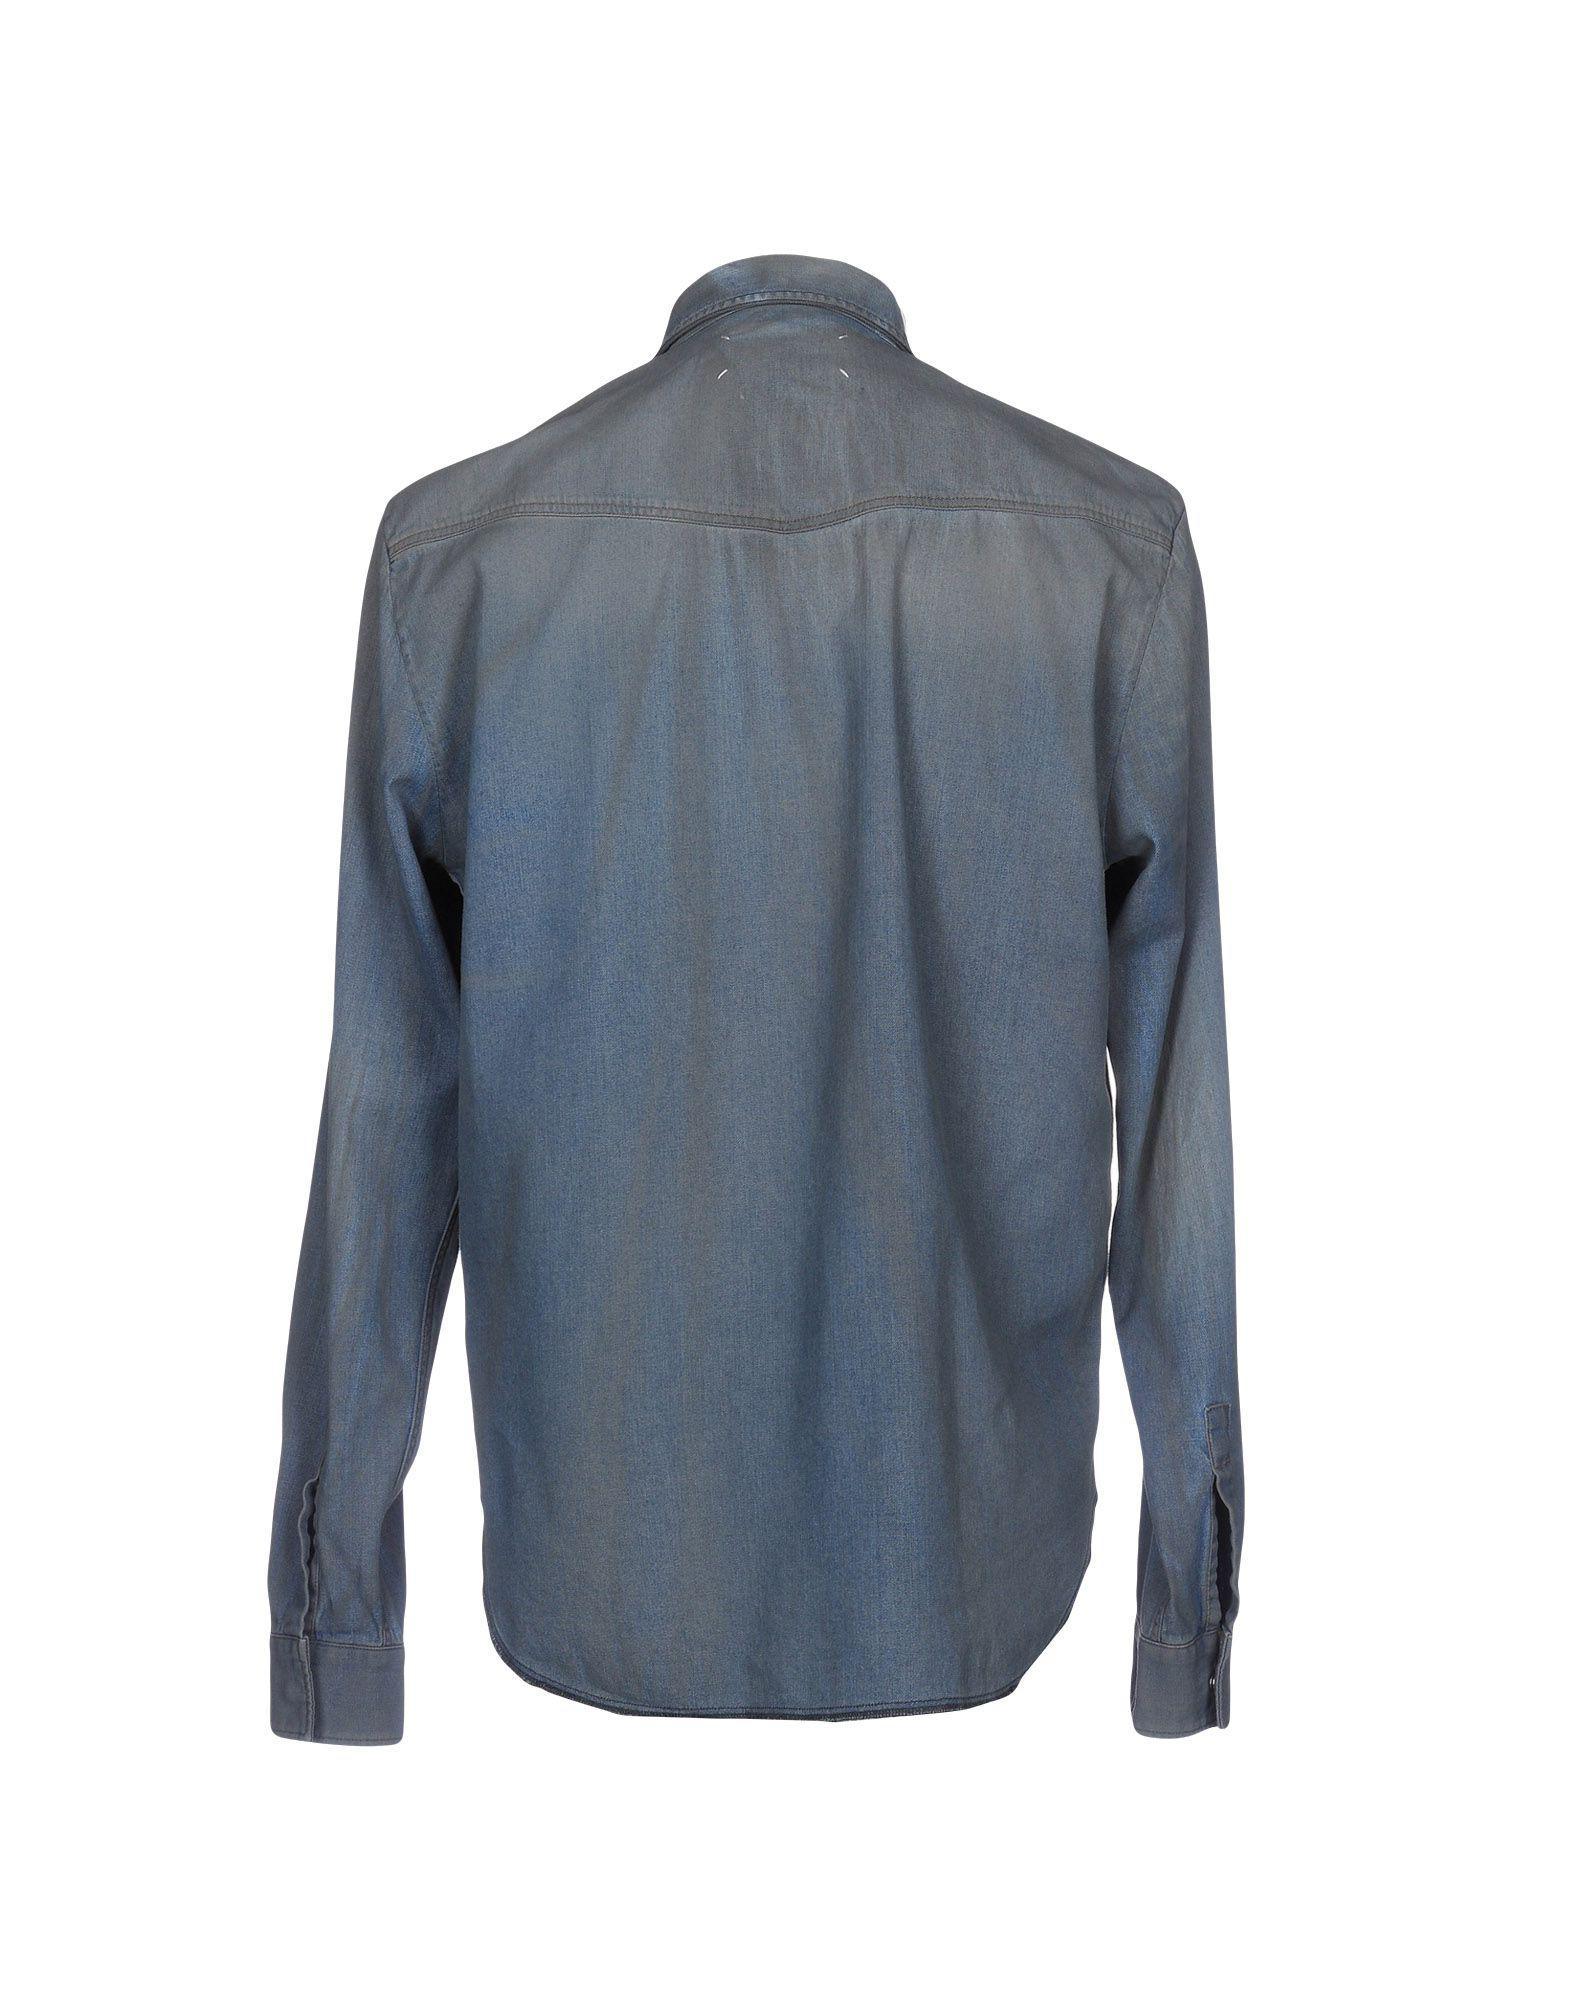 36349f3e08ab Lyst - Maison Margiela Denim Shirt in Blue for Men